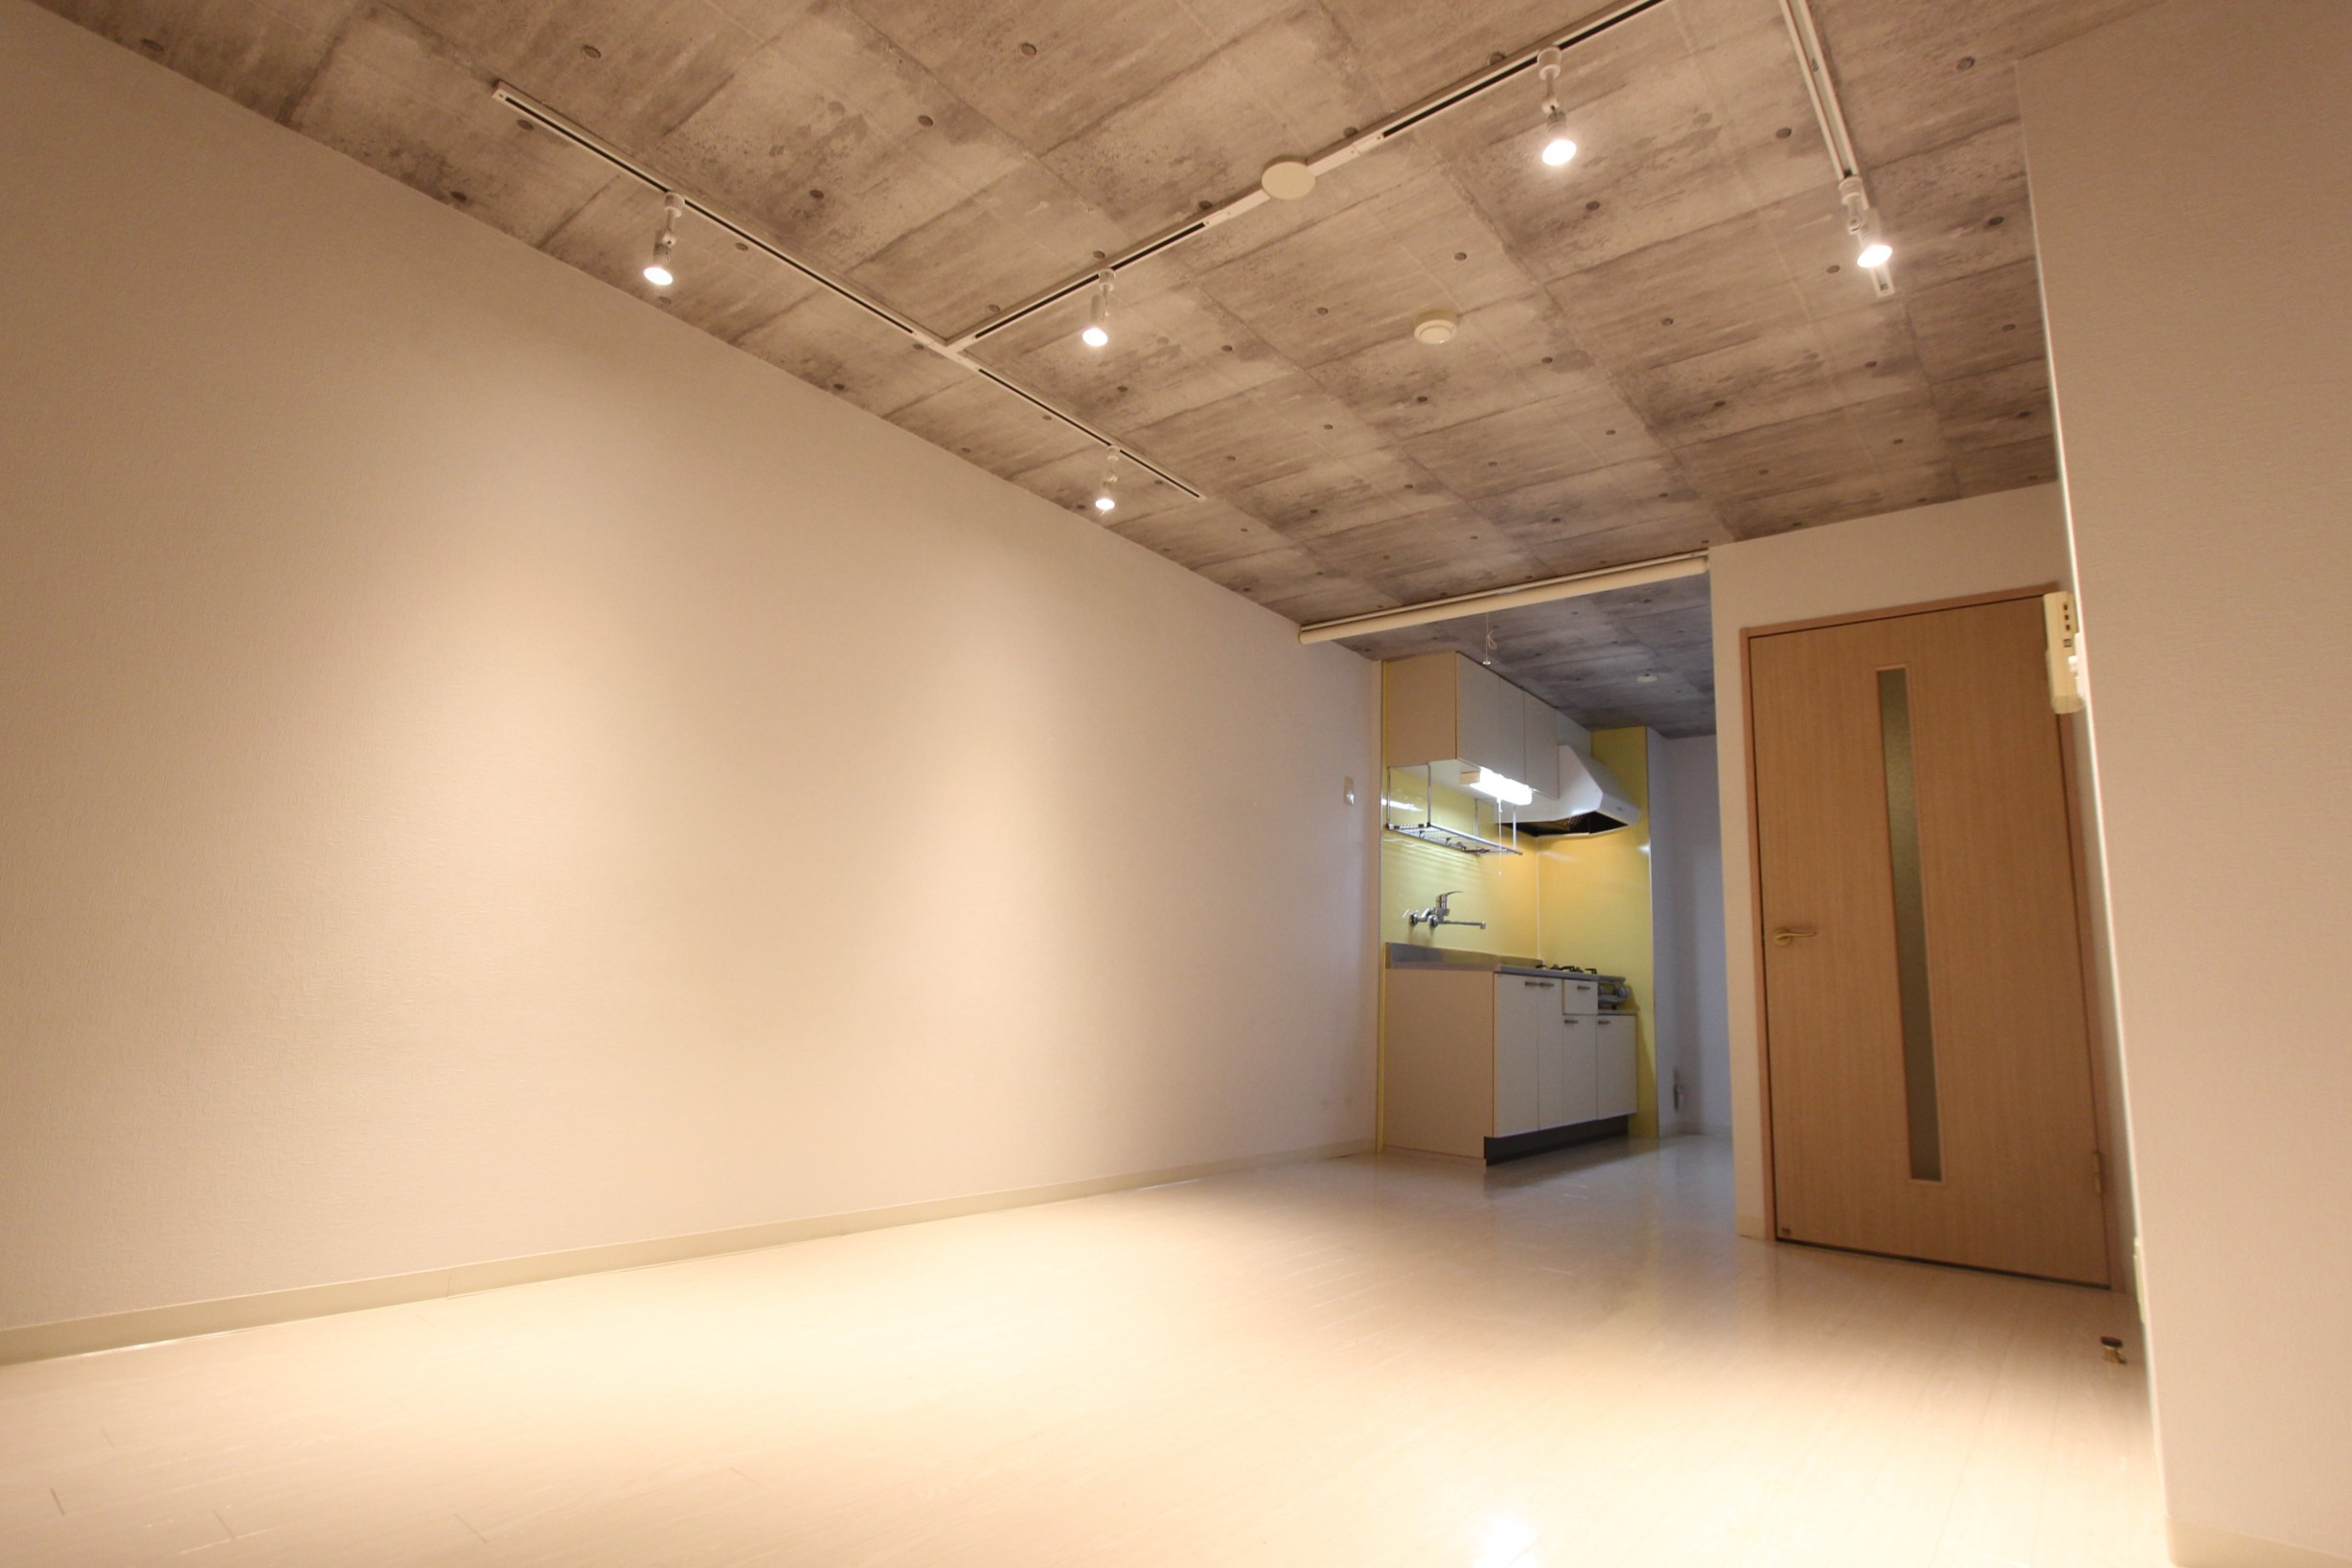 ロワジール(伊勢原市串橋)402号室のサムネイル